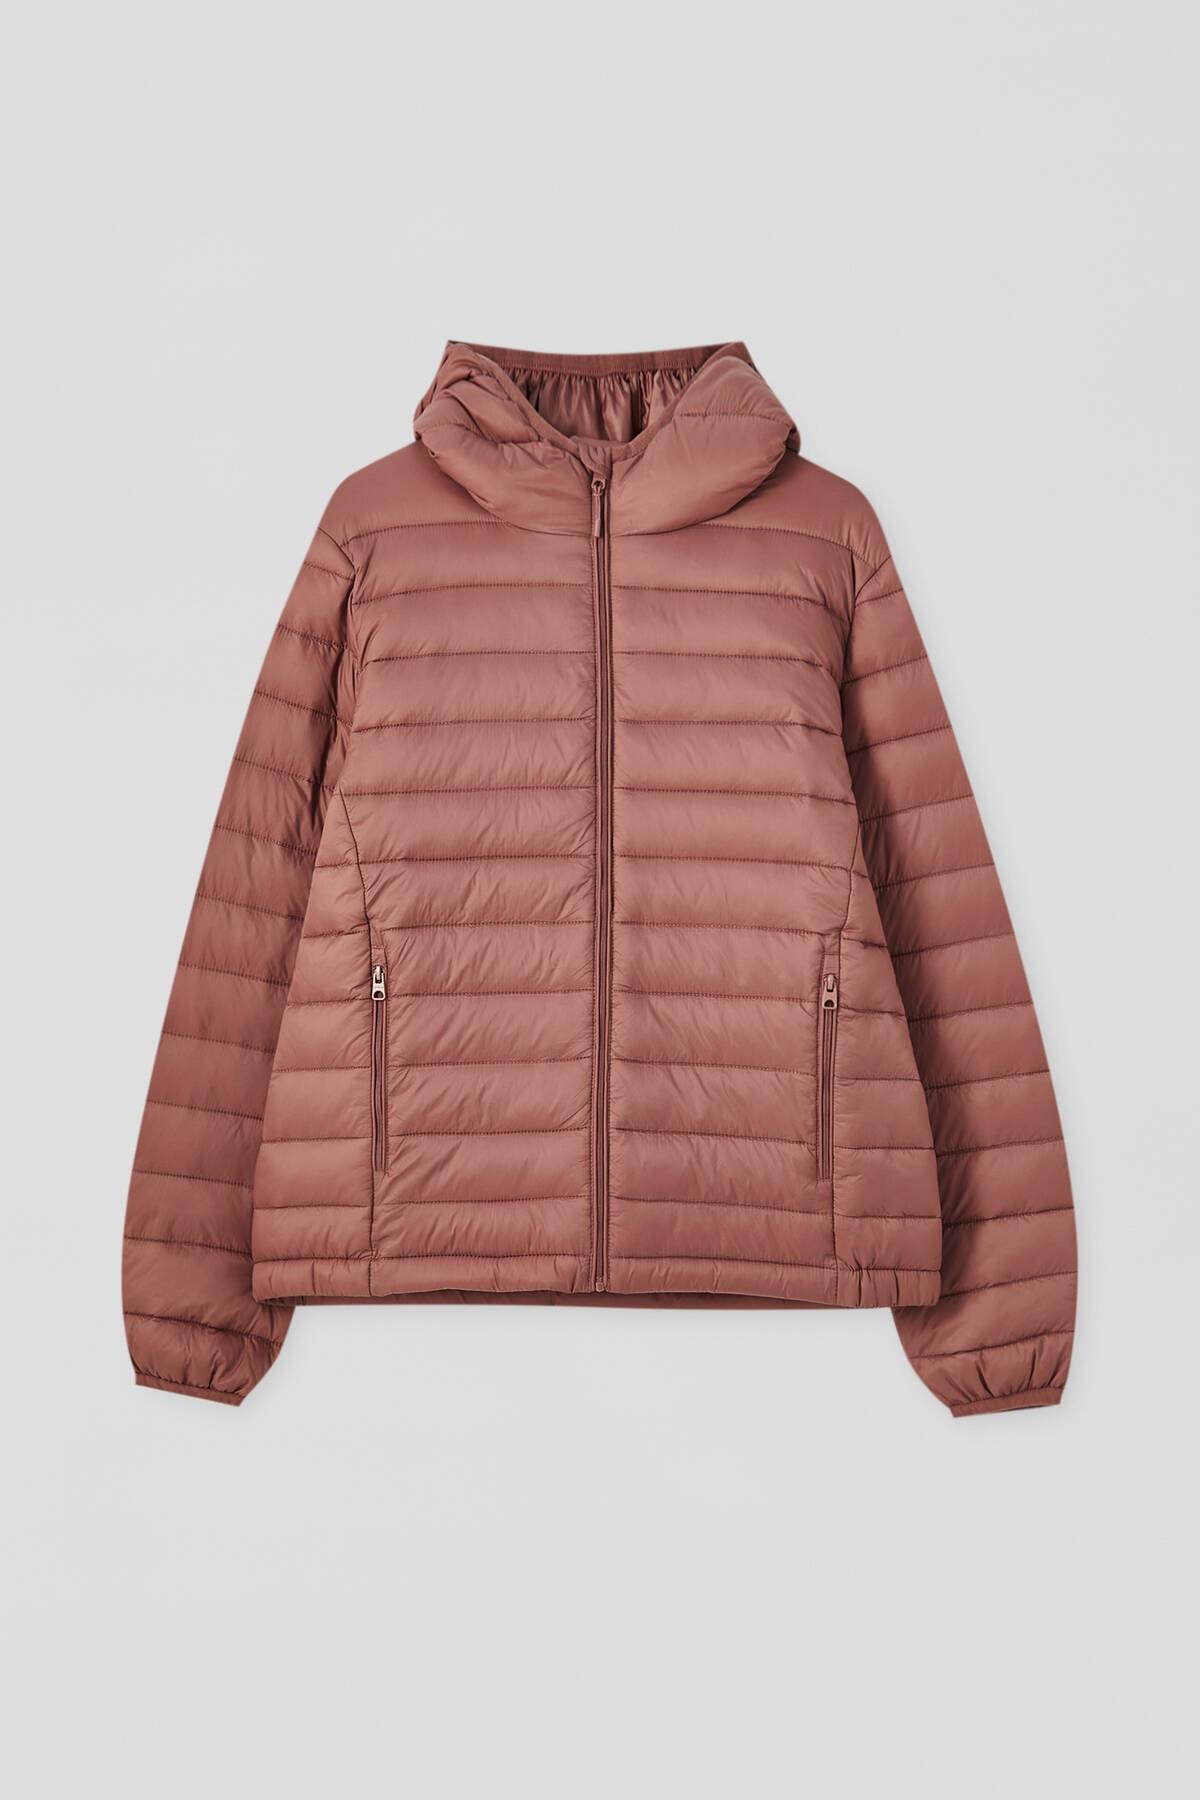 Pull & Bear Kadın Kil Rengi Basic Şişme Mont 09714333 4